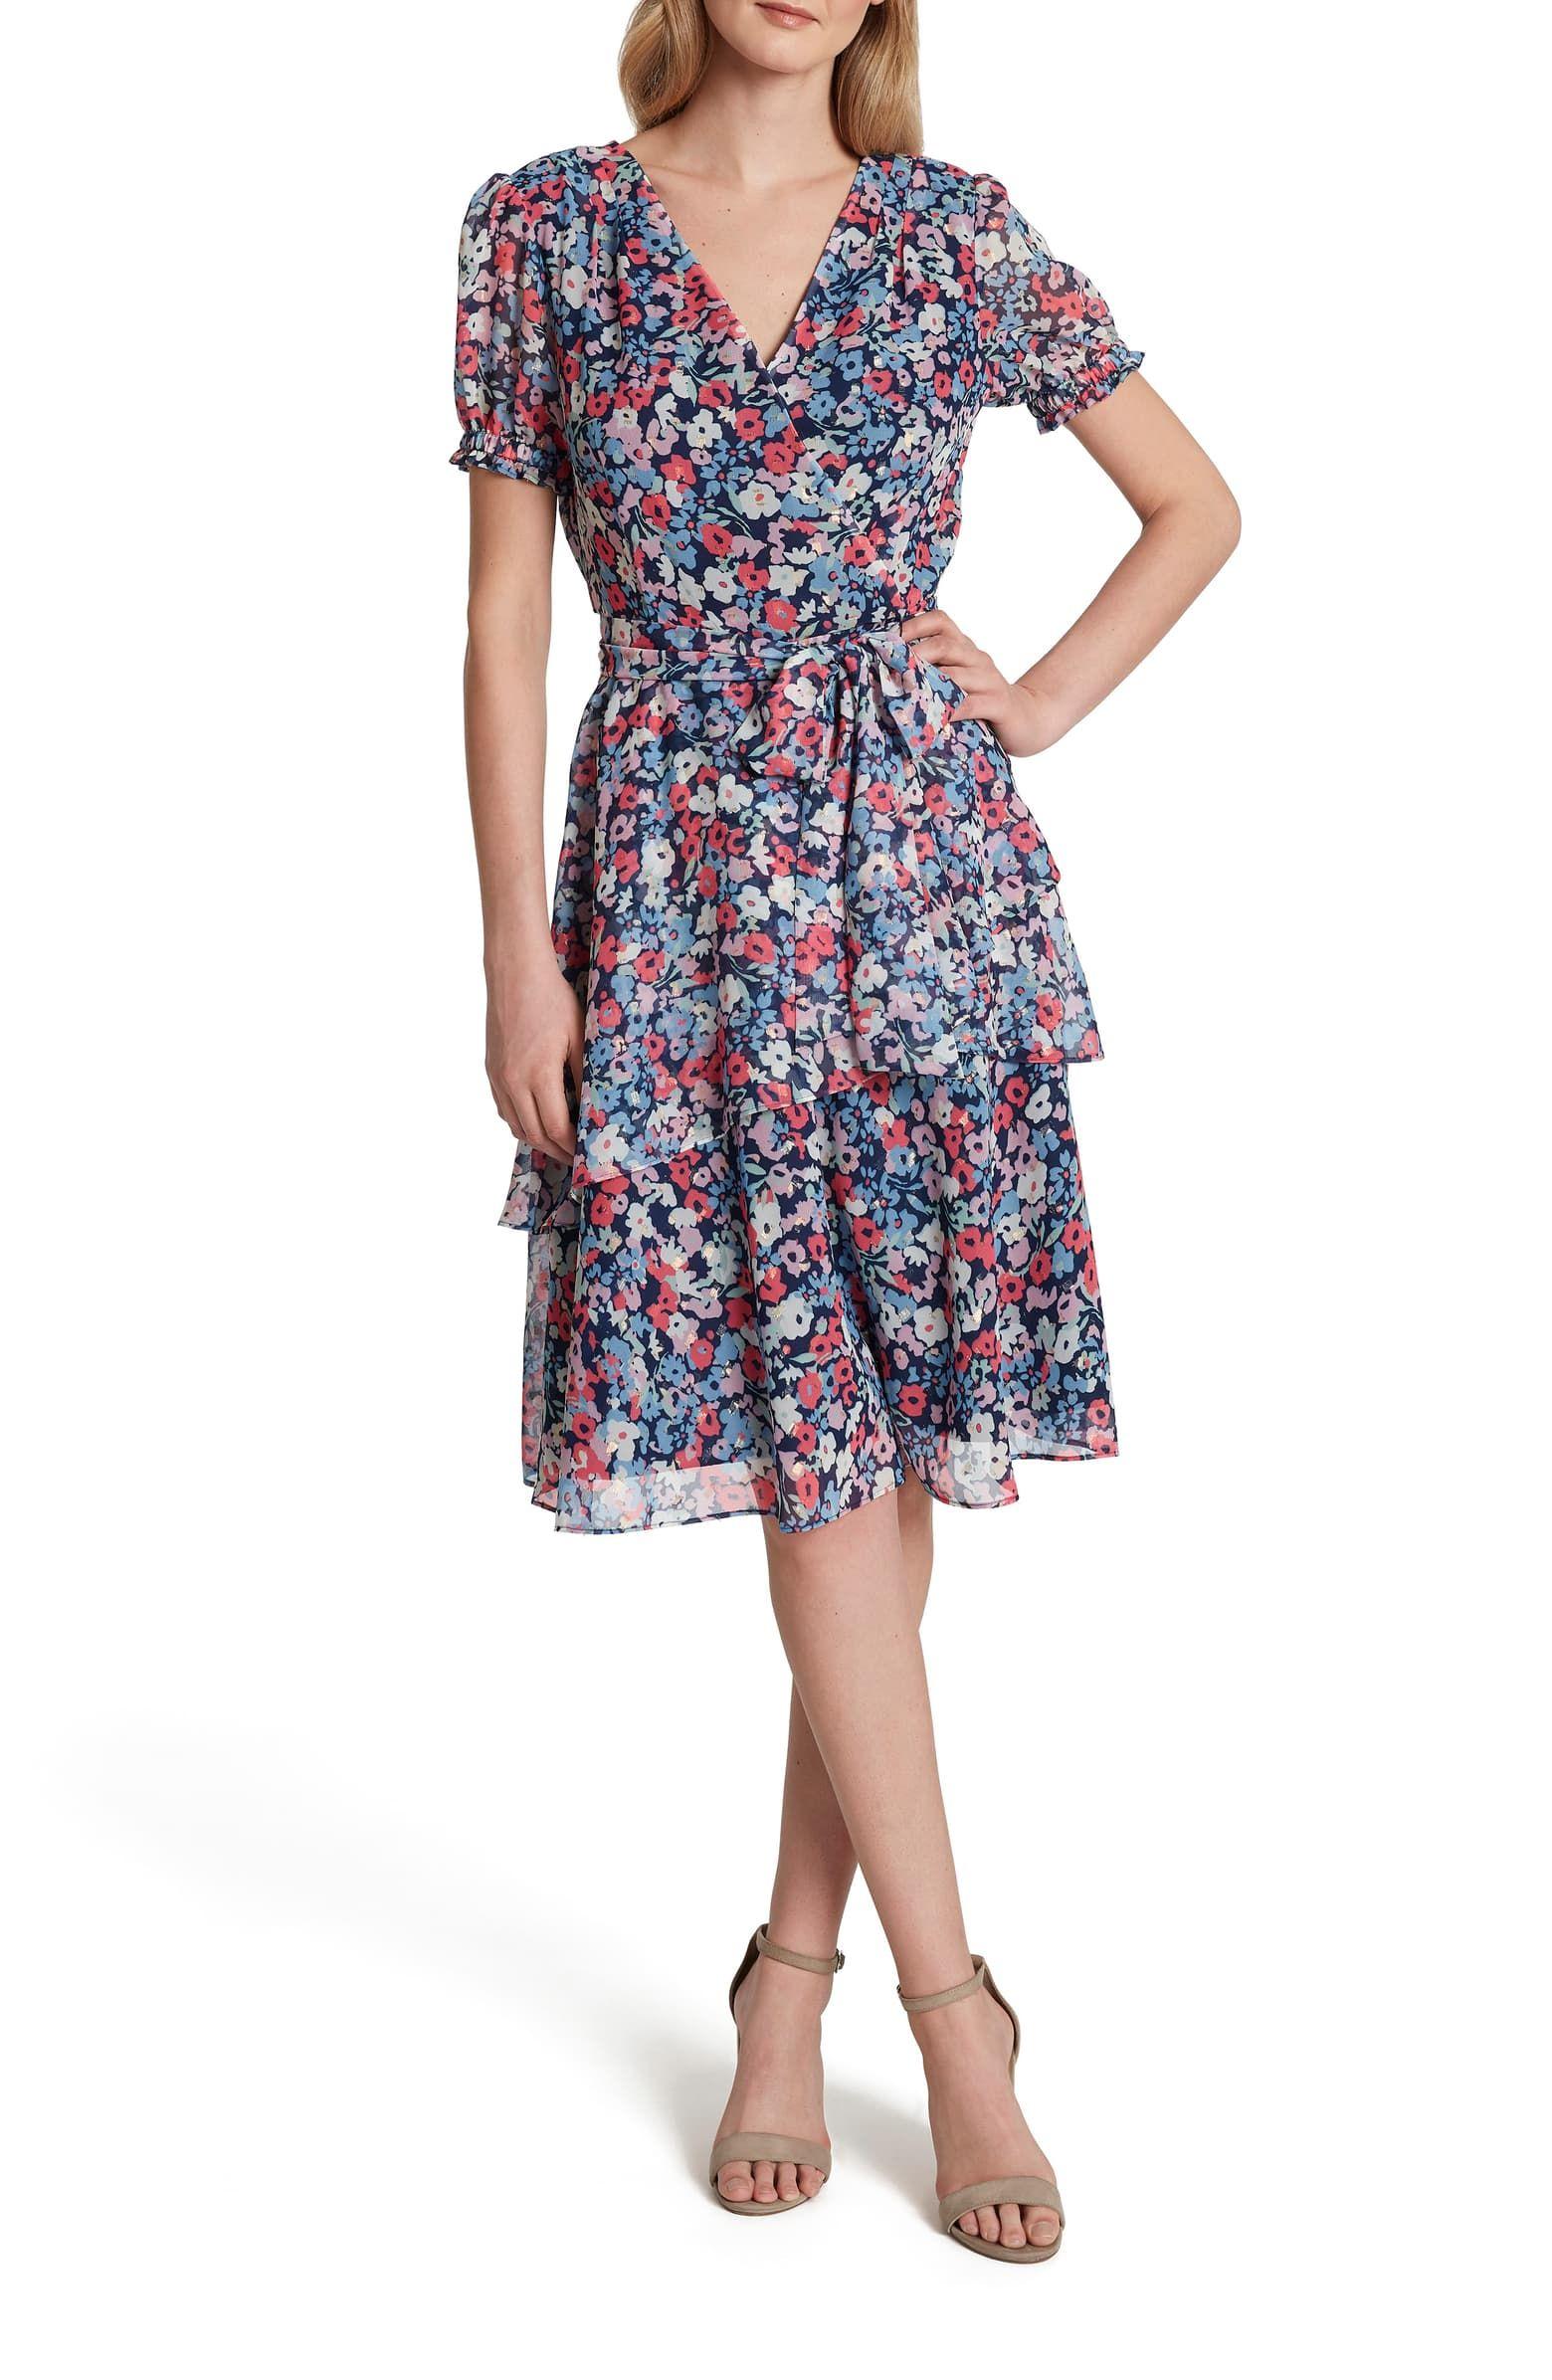 Tahari Floral Print Metallic Clip Dot Faux Wrap Dress Nordstrom Wrap Dress Printed Wrap Dresses Faux Wrap Dress [ 2392 x 1560 Pixel ]